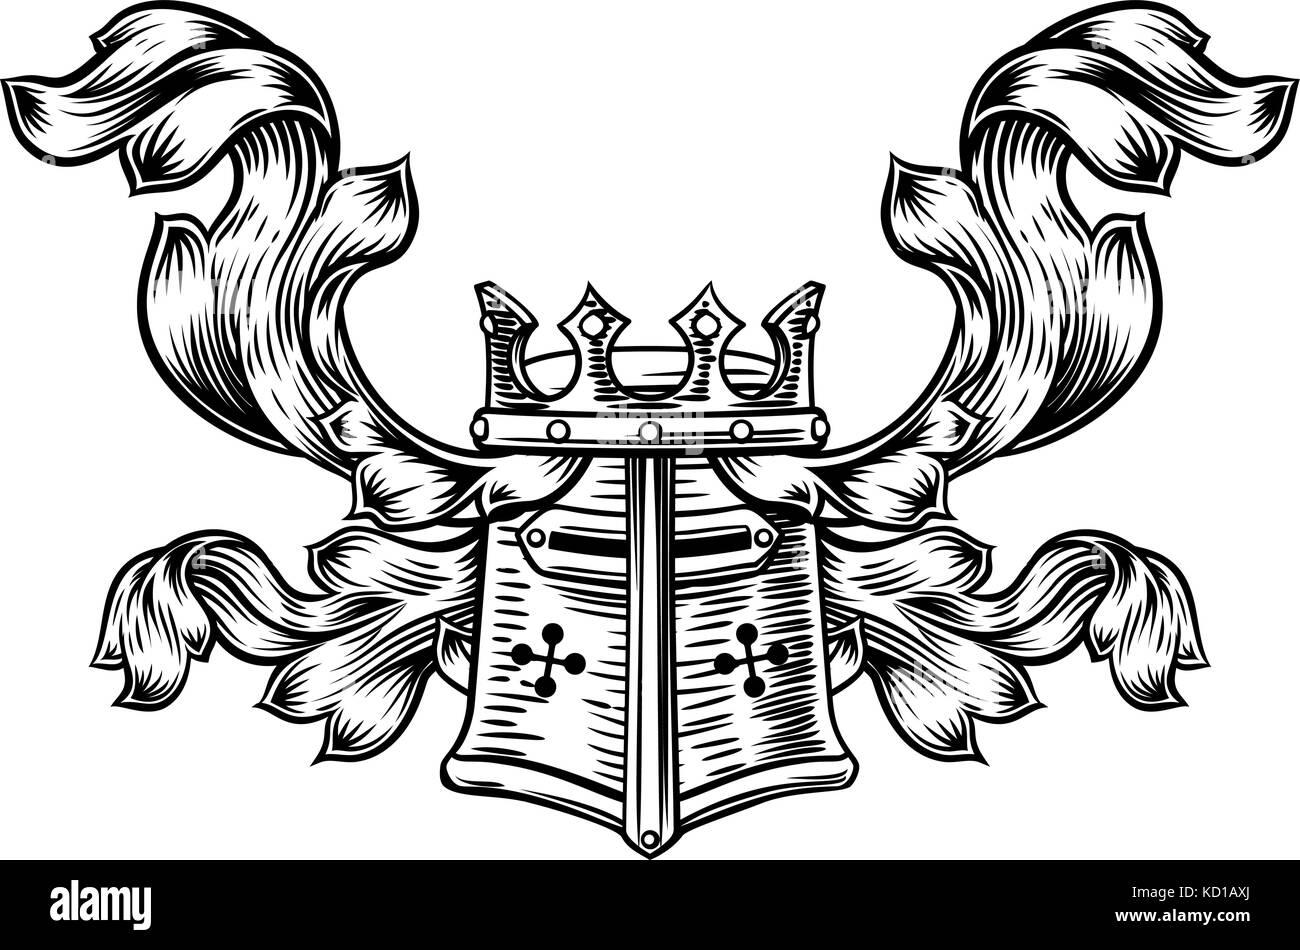 Helmet heraldic crest stock vector art illustration vector helmet heraldic crest biocorpaavc Gallery